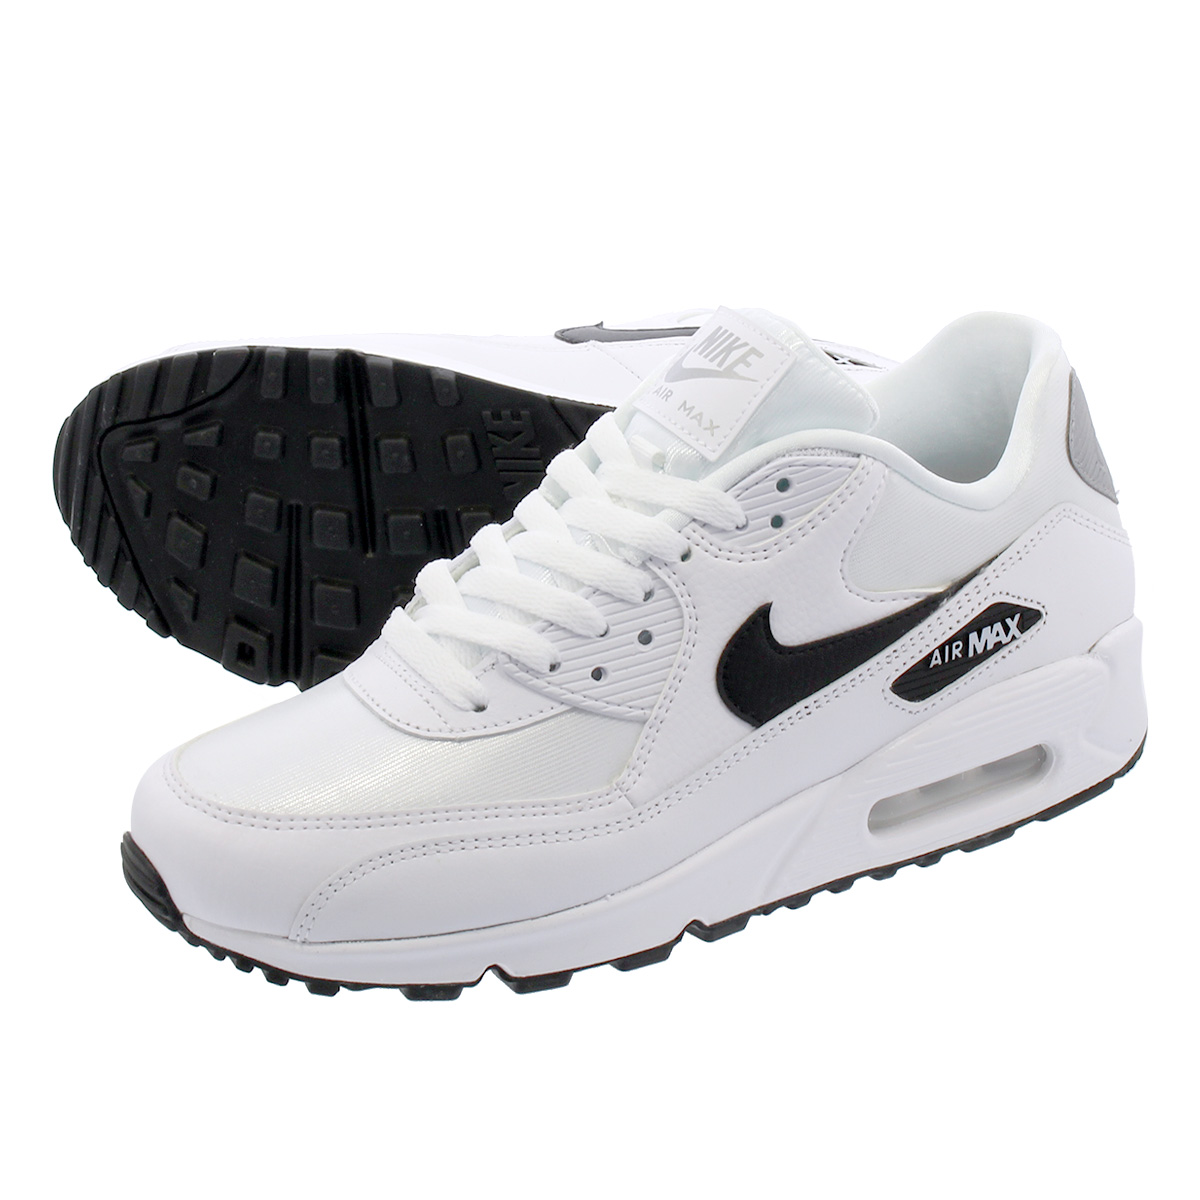 NIKE WMNS AIR MAX 90 Nike women Air Max 90 WHITEBLACKREFLECT SILVER 325,213 137